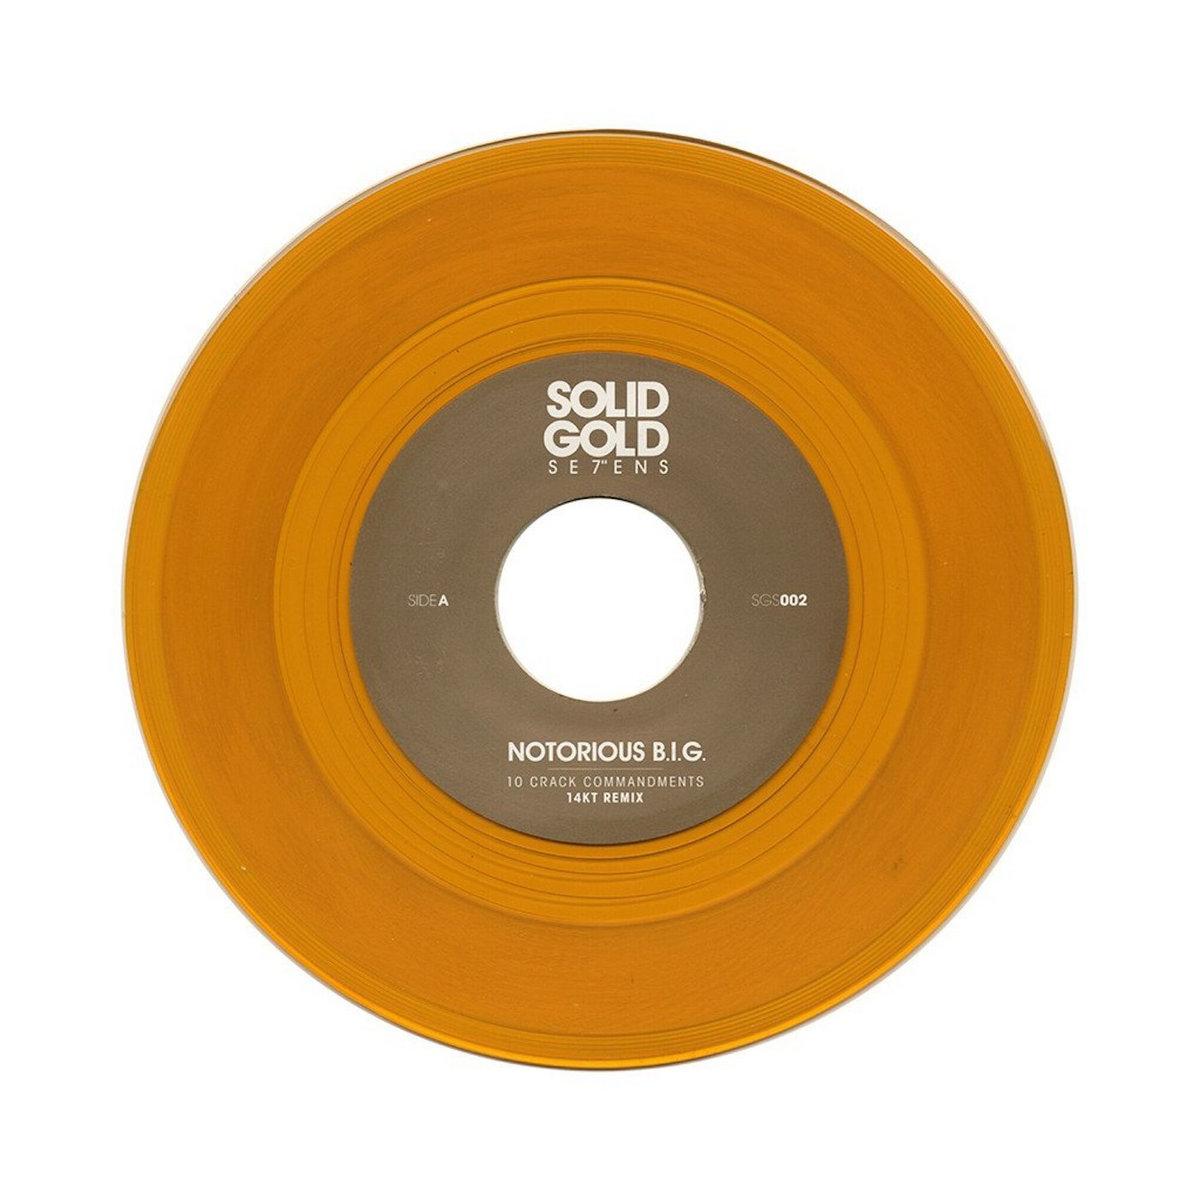 Solid Gold Se7ens #2 | 14KT II Karat Gold Music